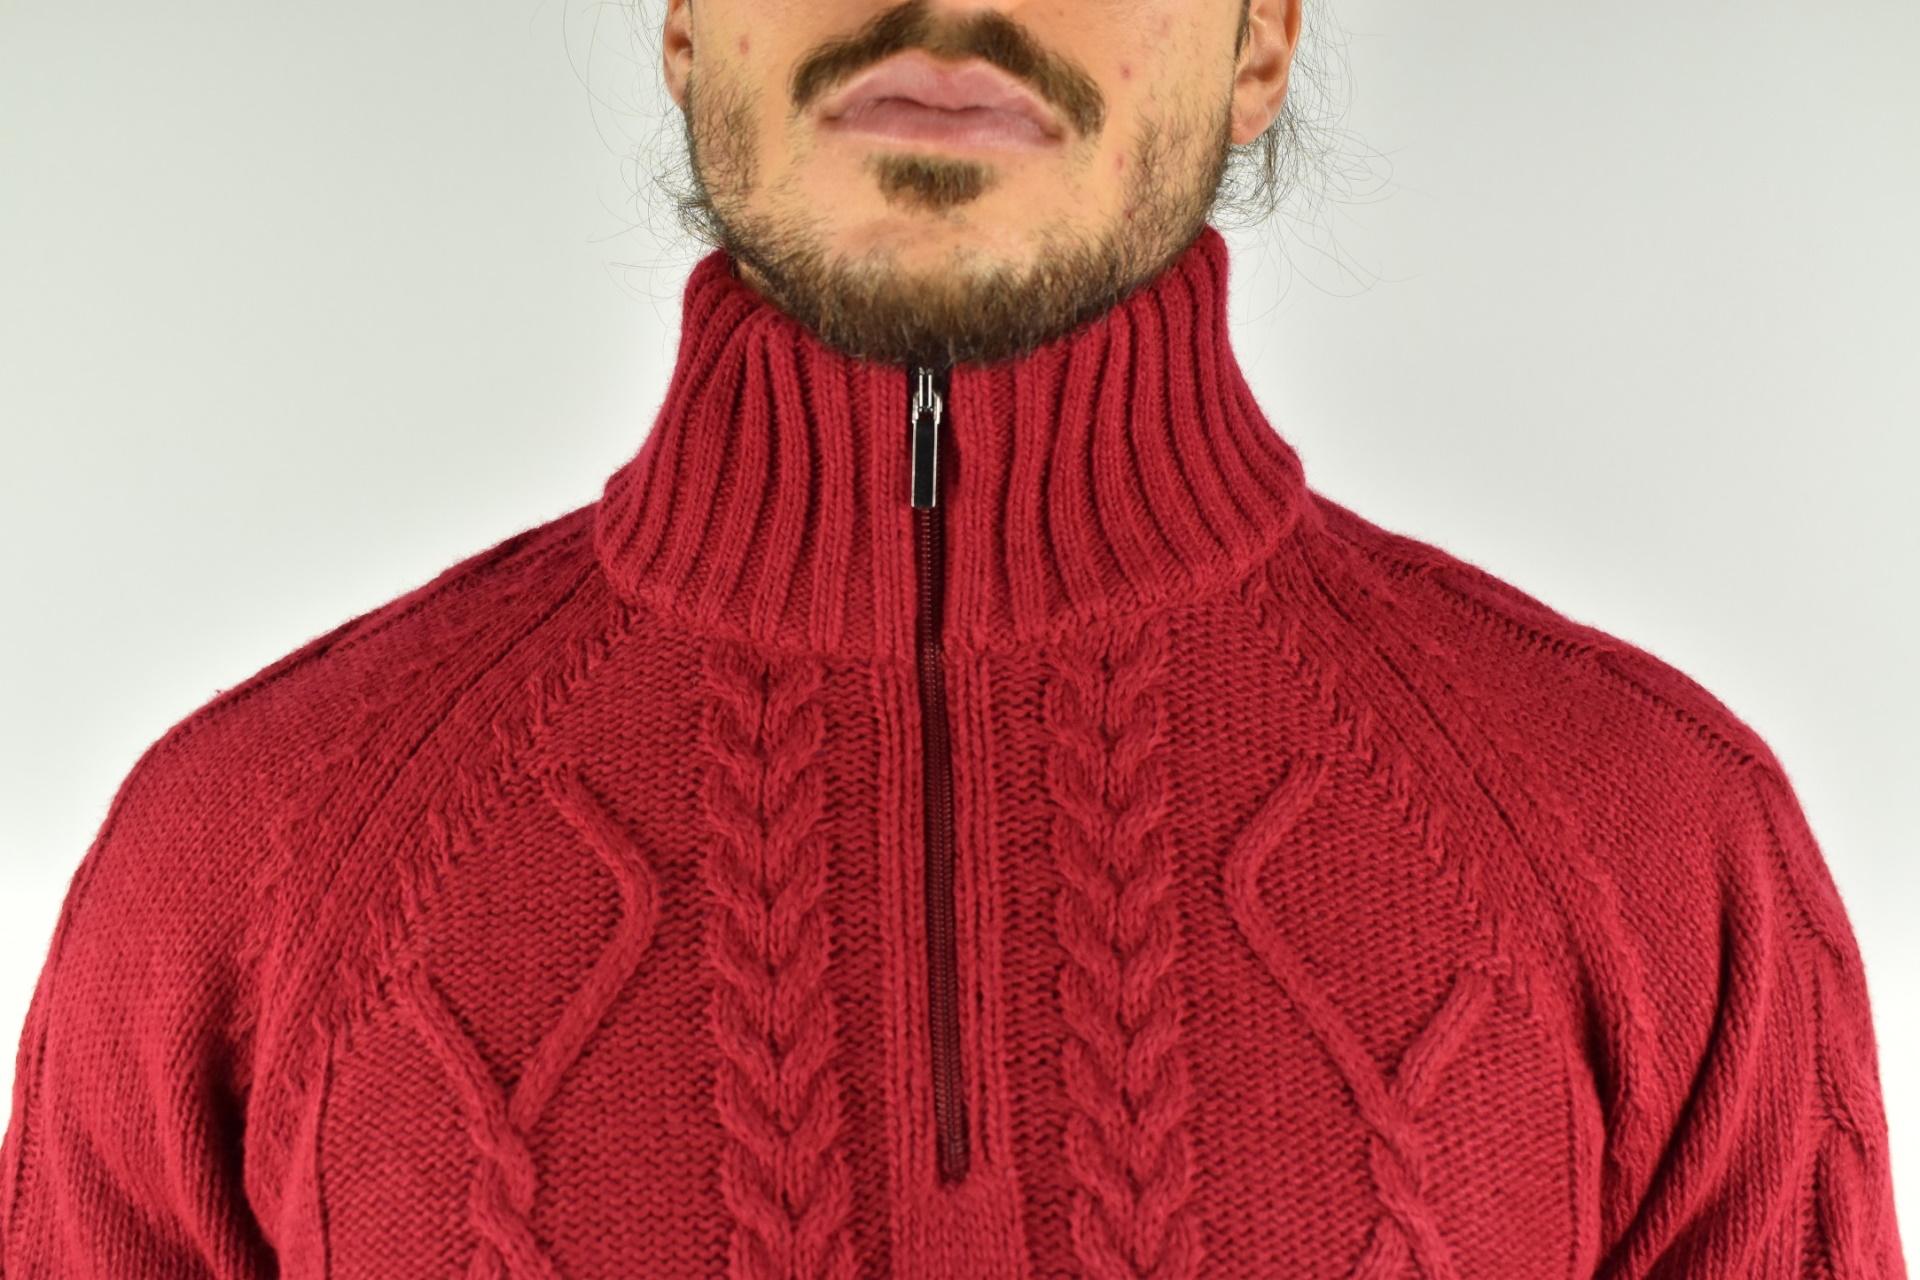 LUPINEMA ROSSO MAGLIA UOMO MEZZA ZIP MANICA LUNGA LAVORAZIONE TRECCE 2 1stAmerican maglione invernale da uomo mezza zip manica lunga lavorazione trecce